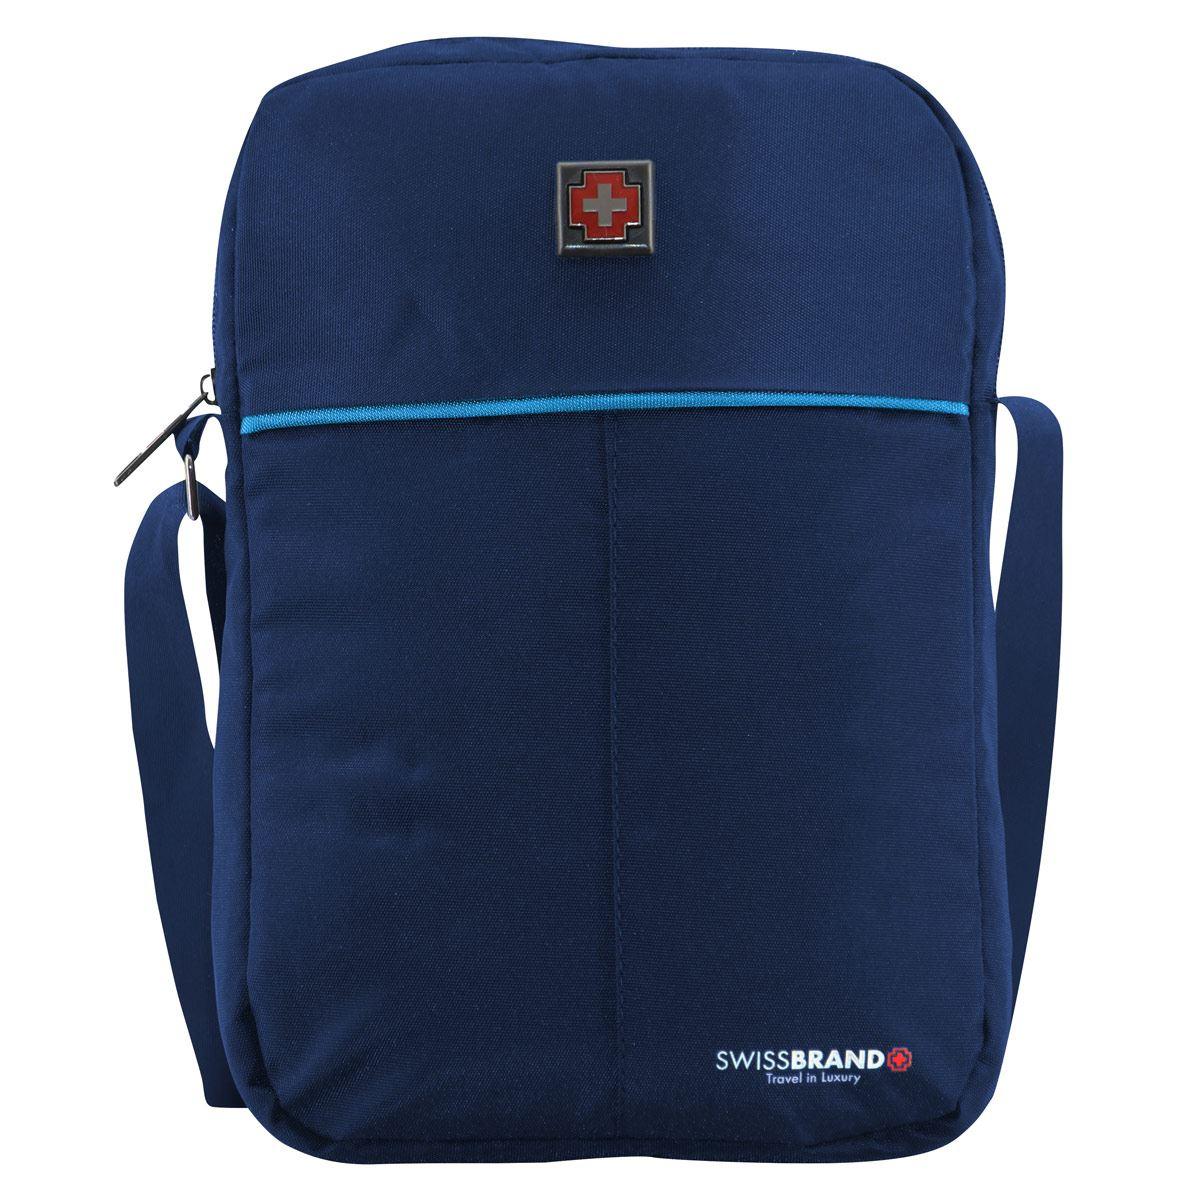 Compilación de mochilas y maletas deportivas a menos de $300 (VARIAS MARCAS -TIENDAS)